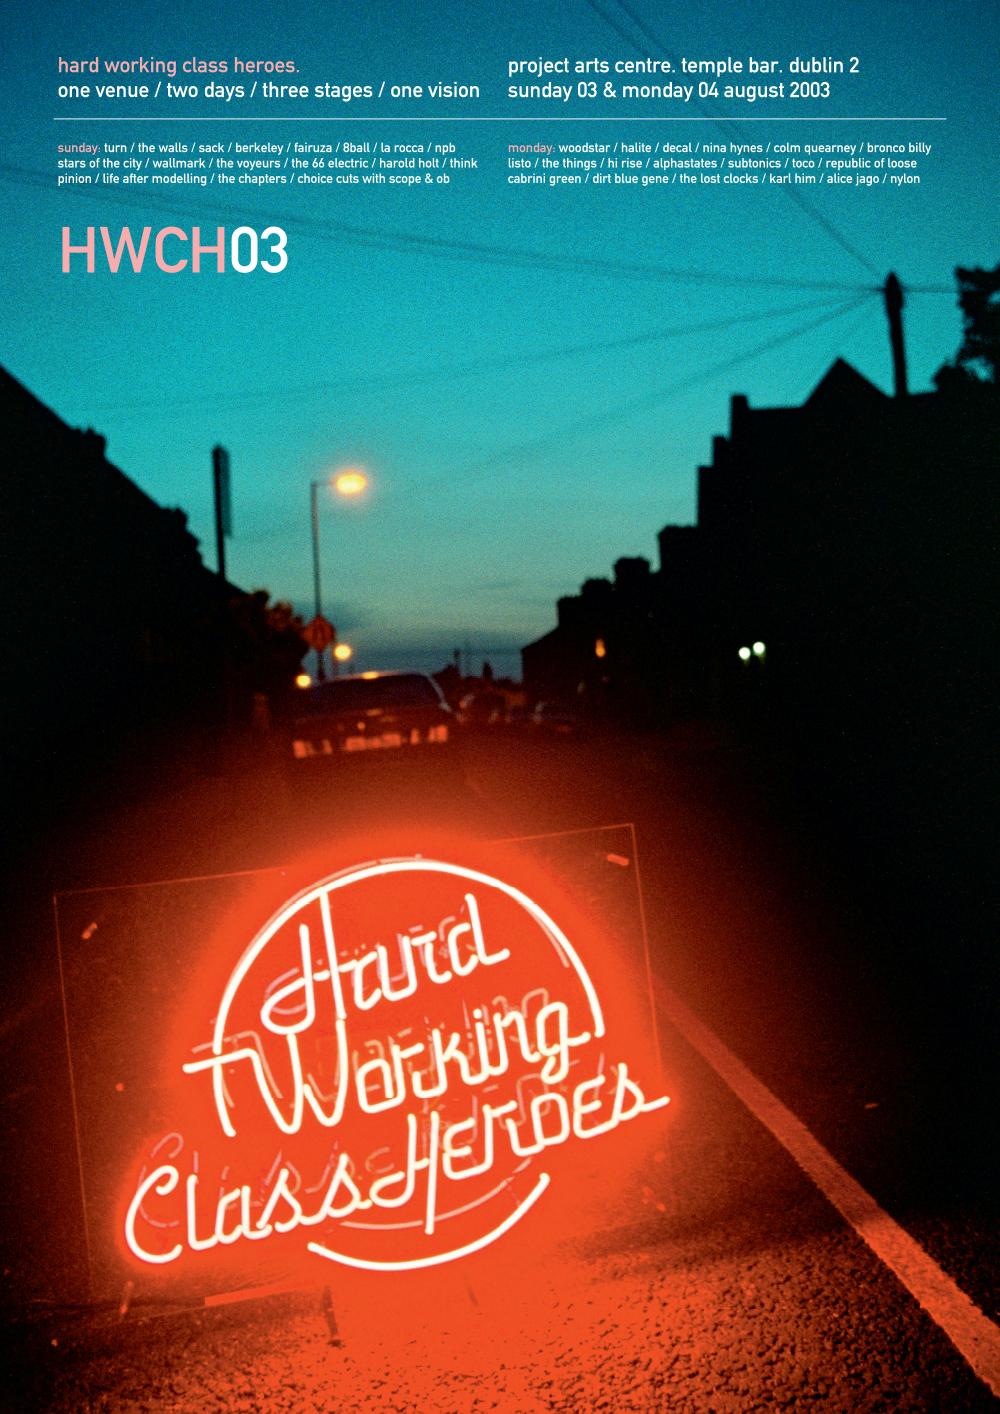 hwch2003 a3 1.eps